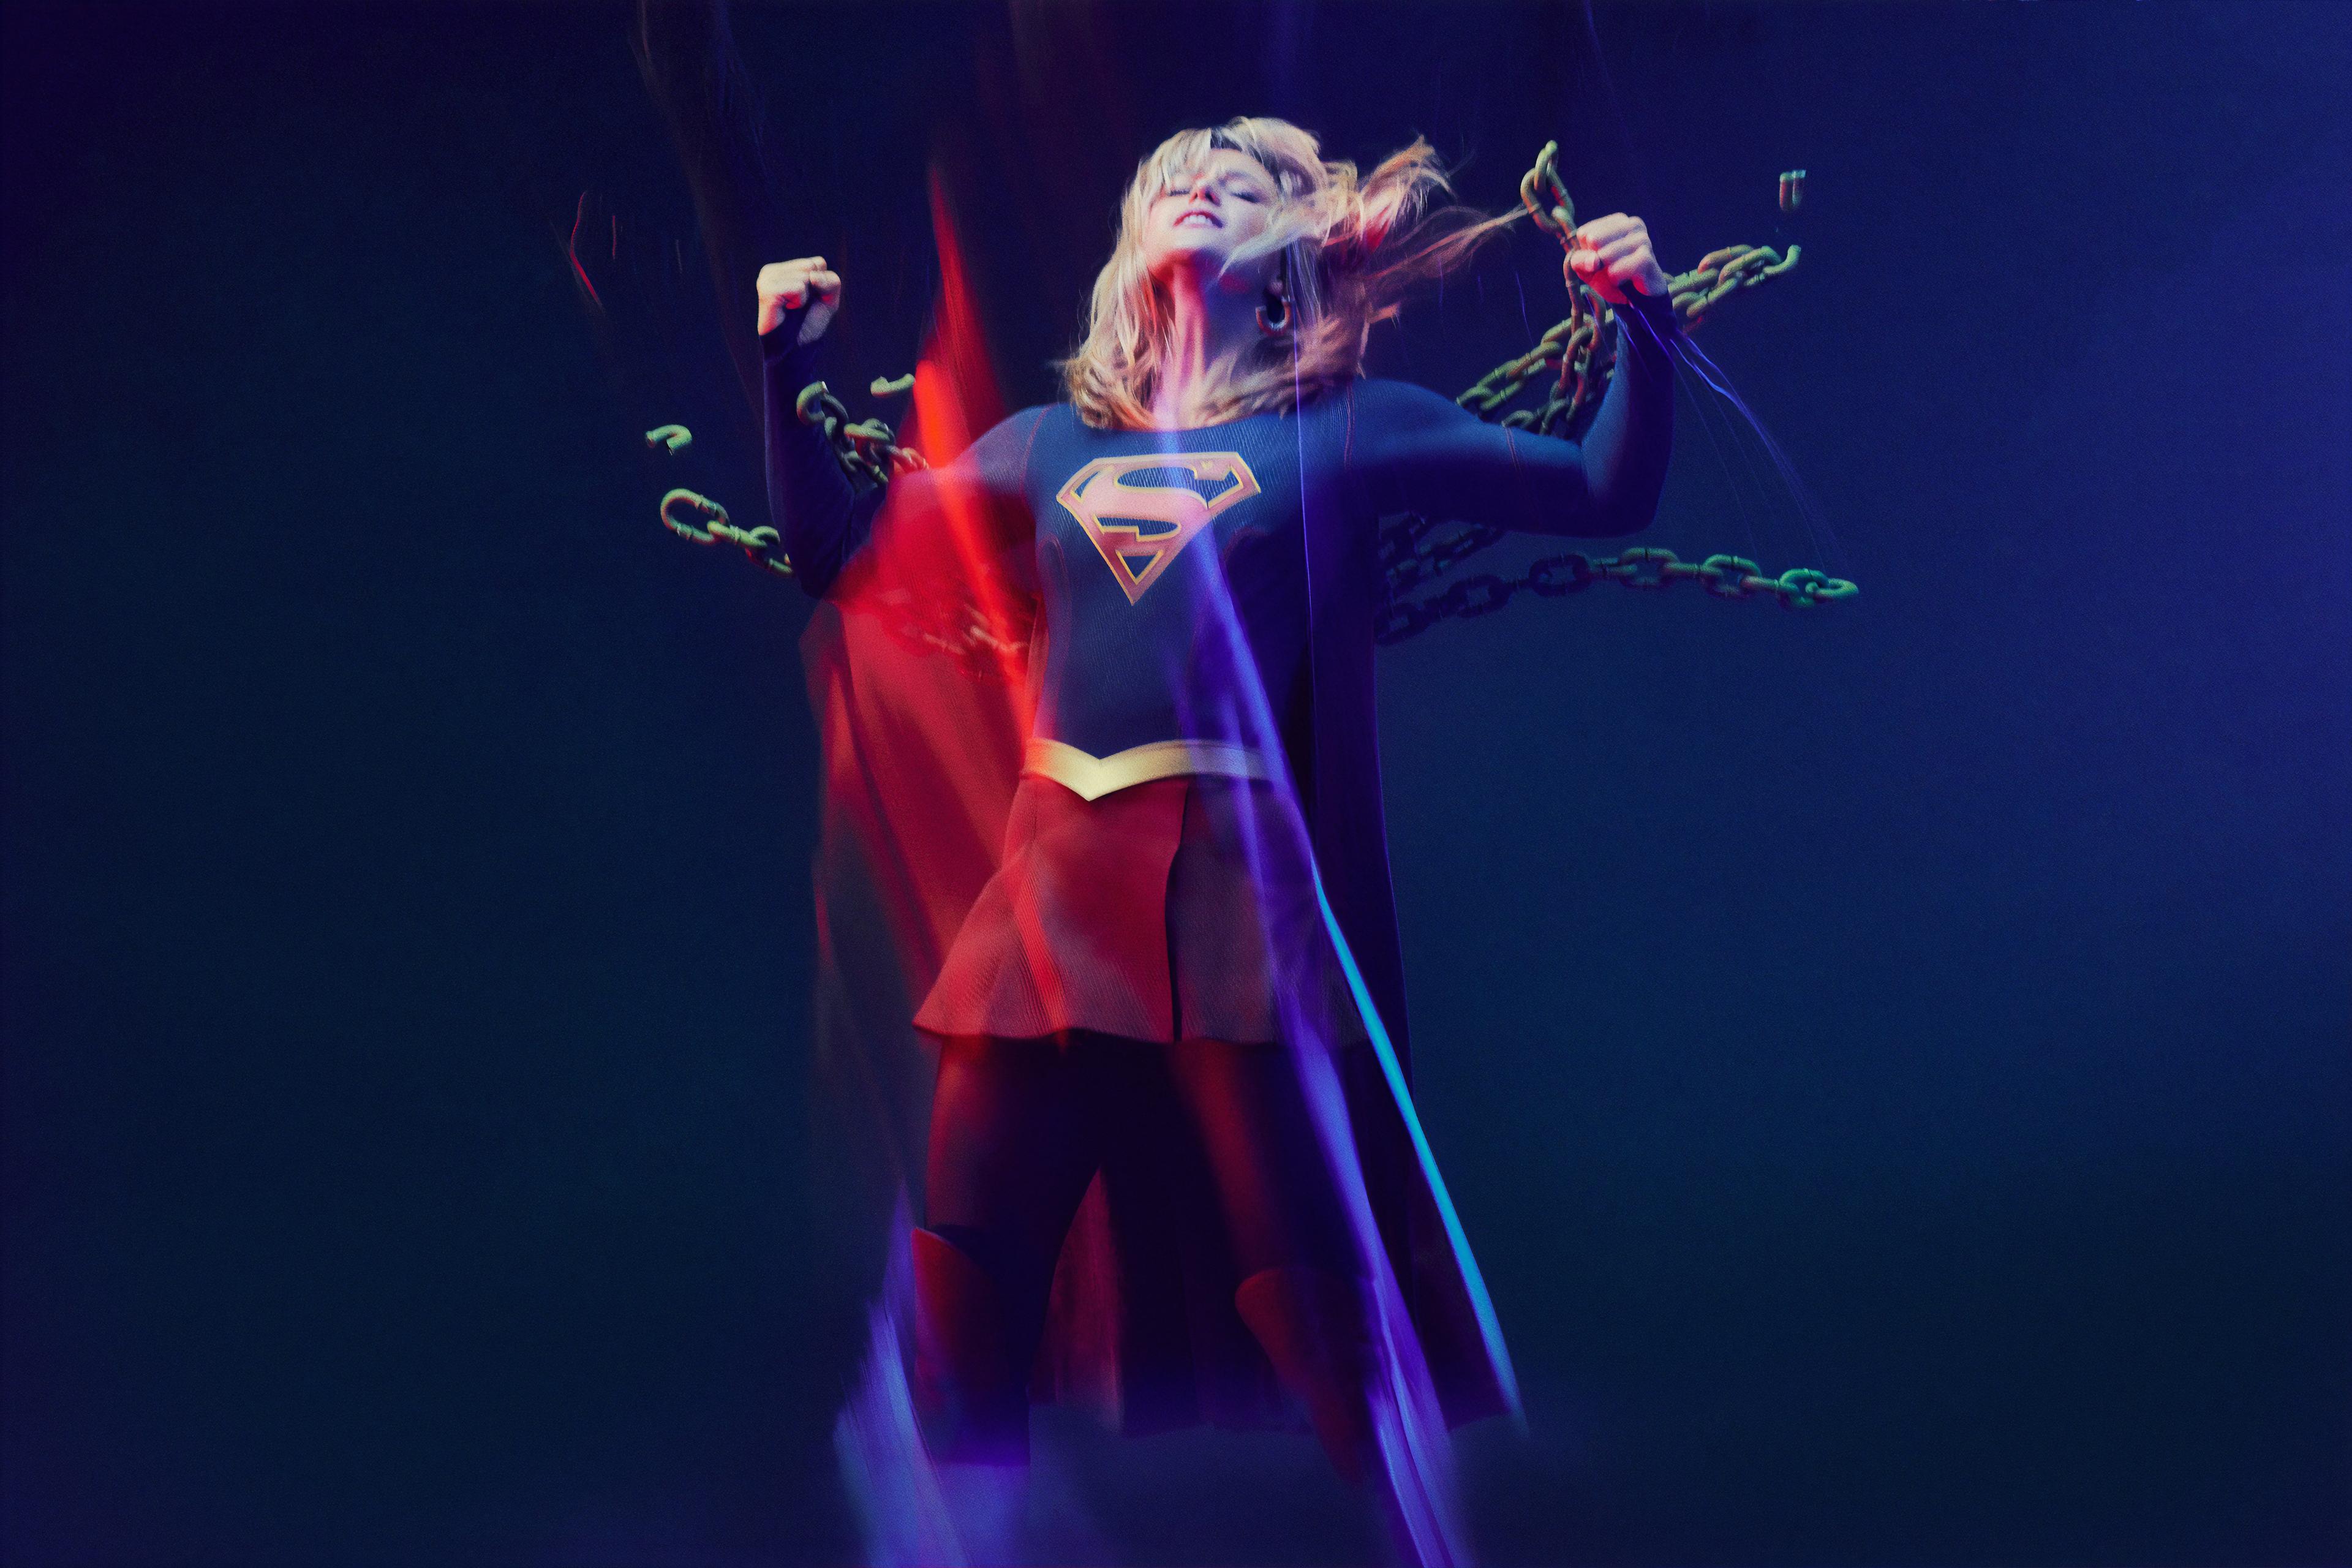 supergirl season 5 1577915272 - Supergirl Season 5 -